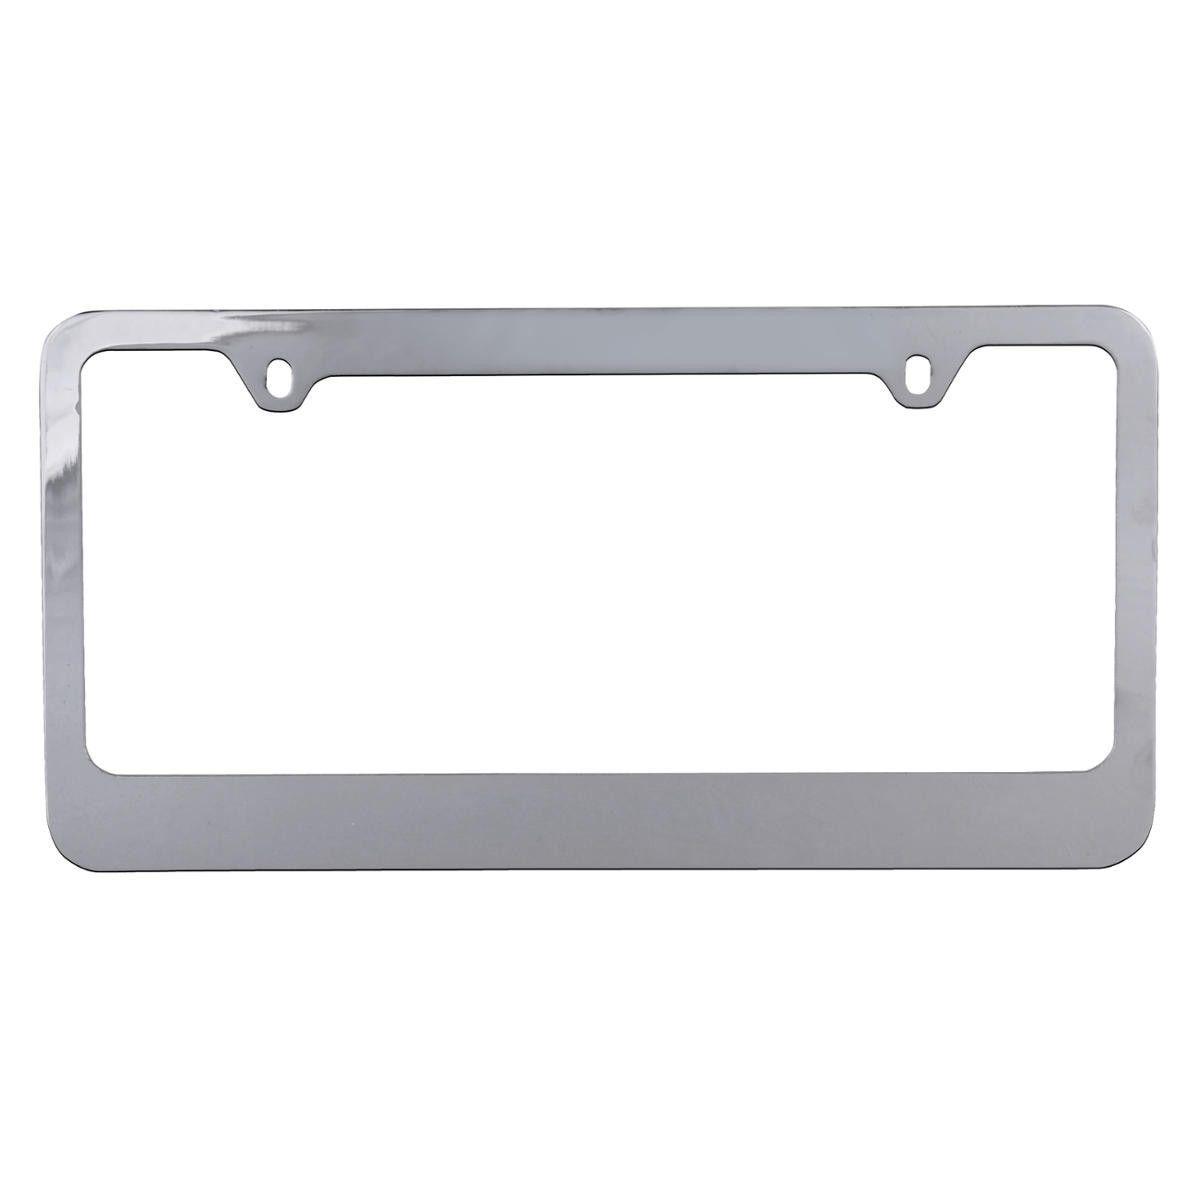 bdk usa blank chrome metal license plate frame 1 piece